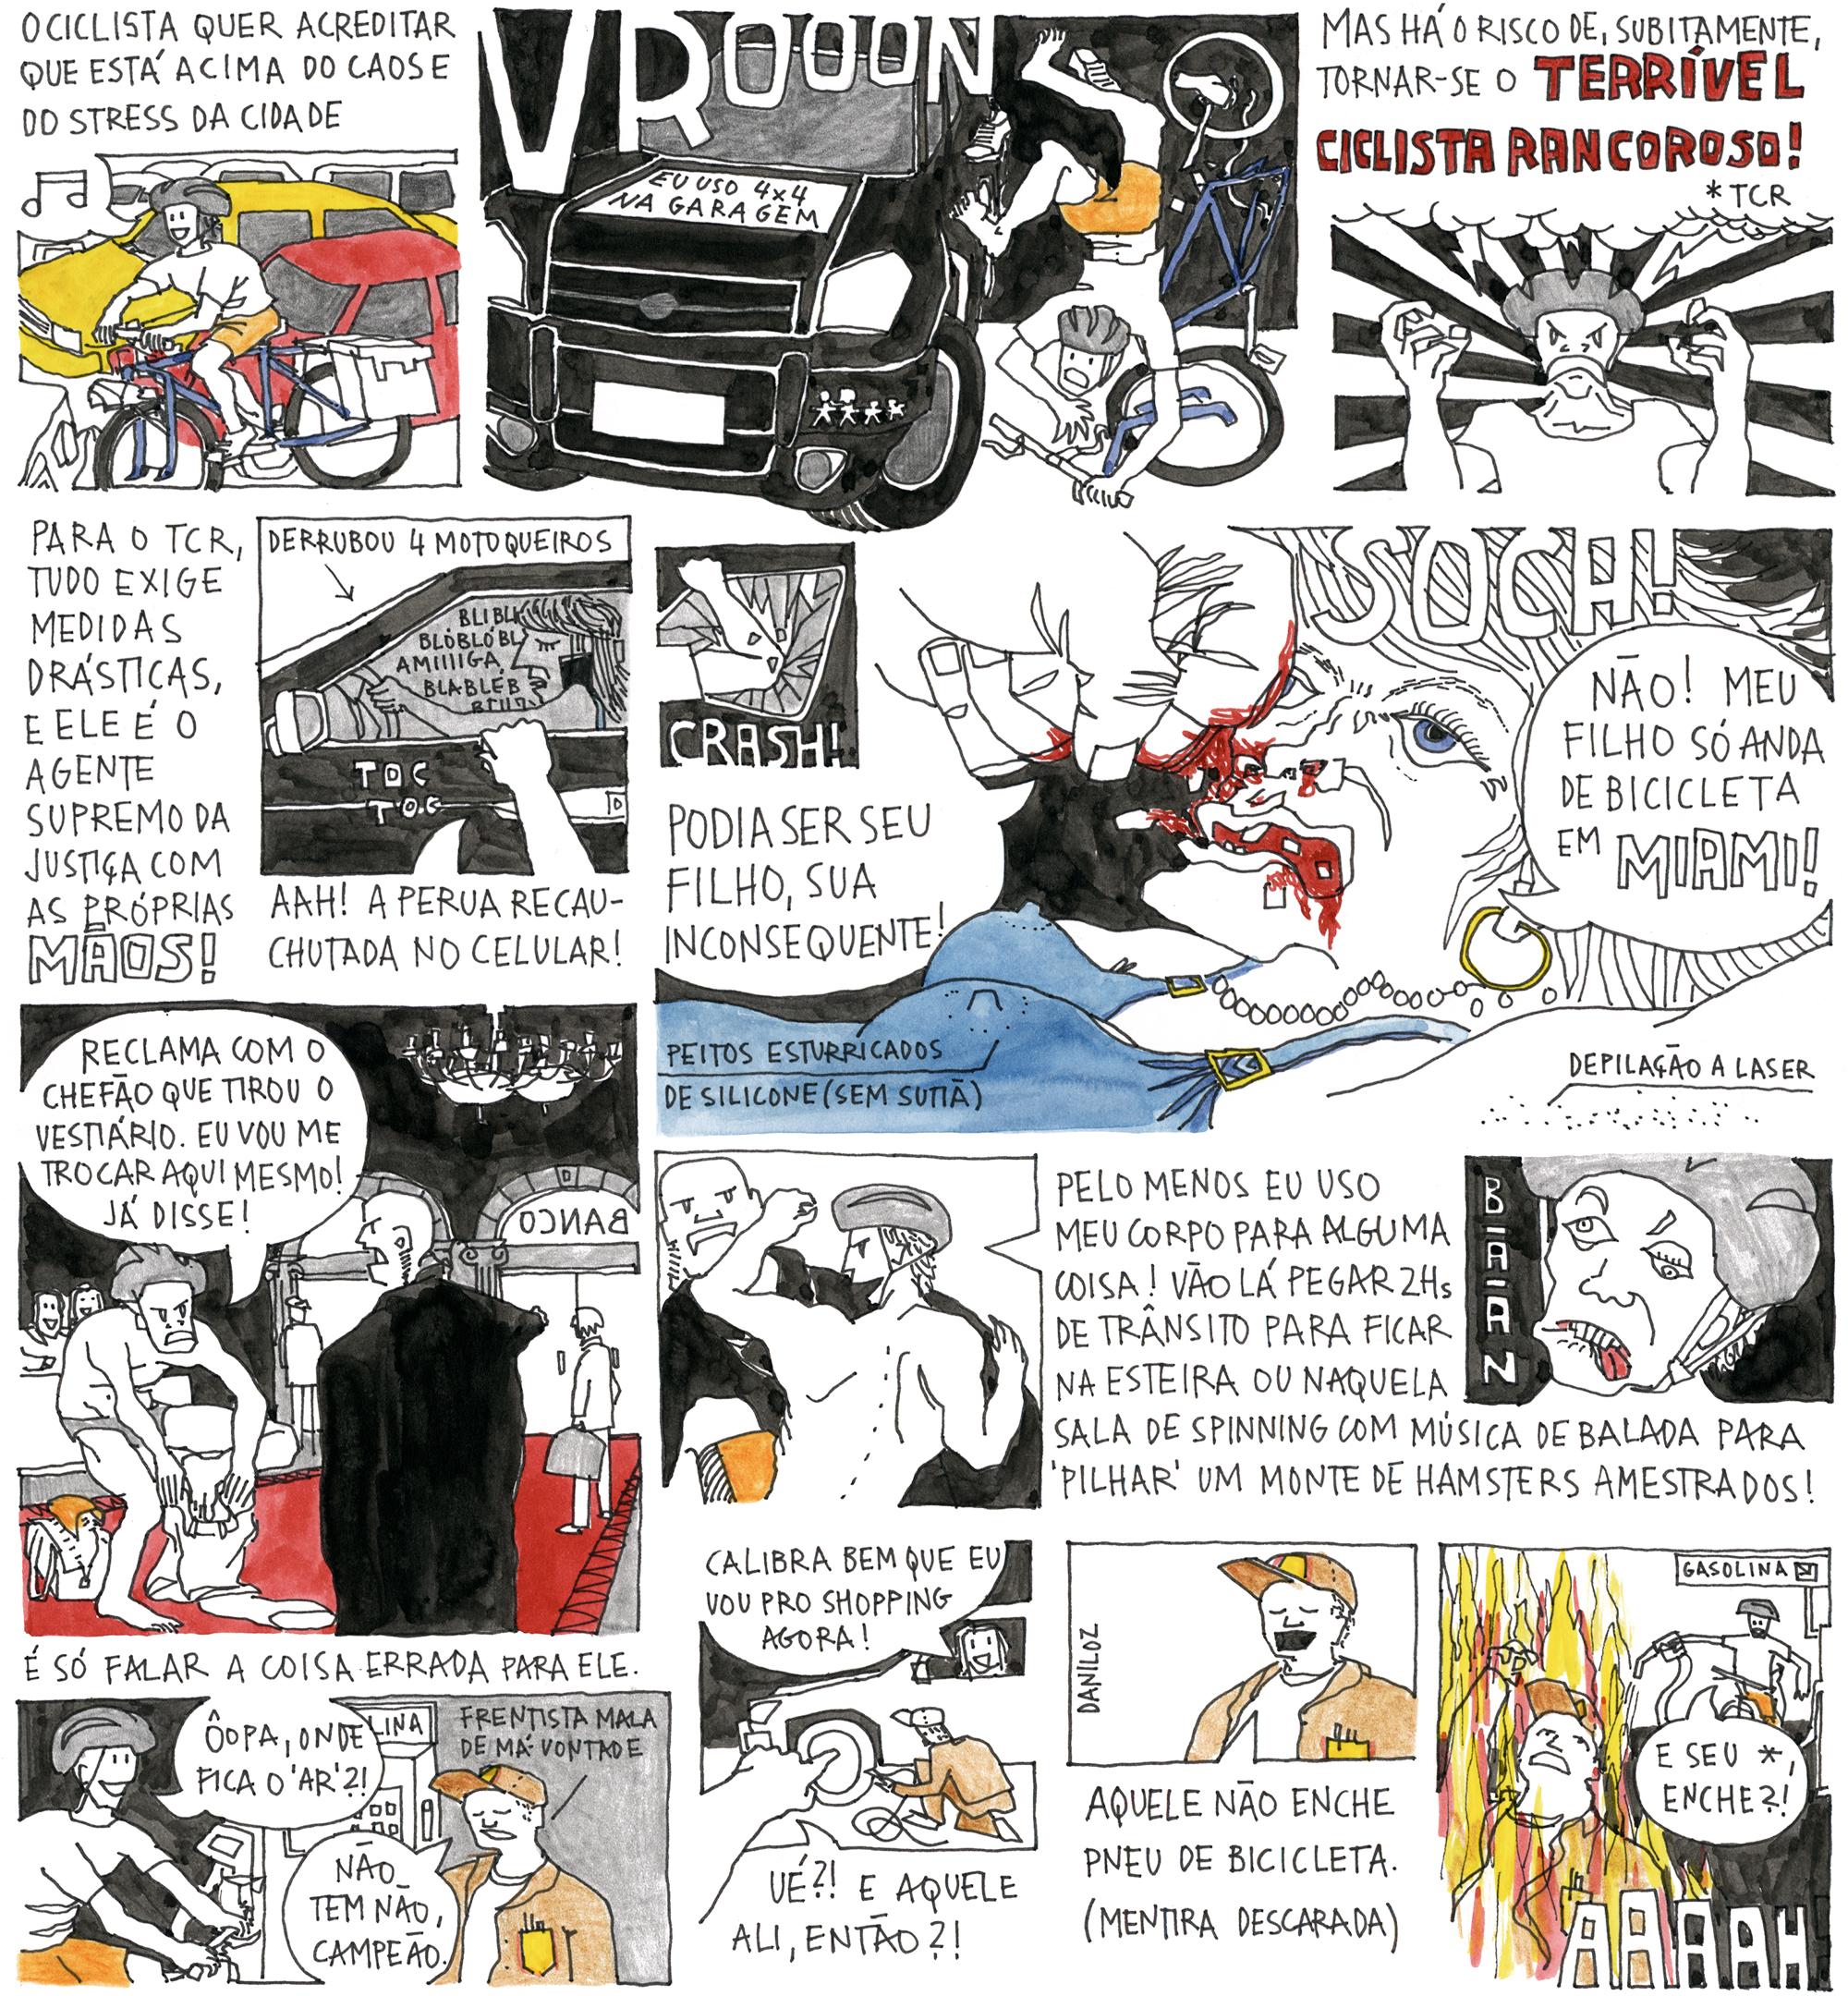 05-ciclista-rancoroso_daniloz